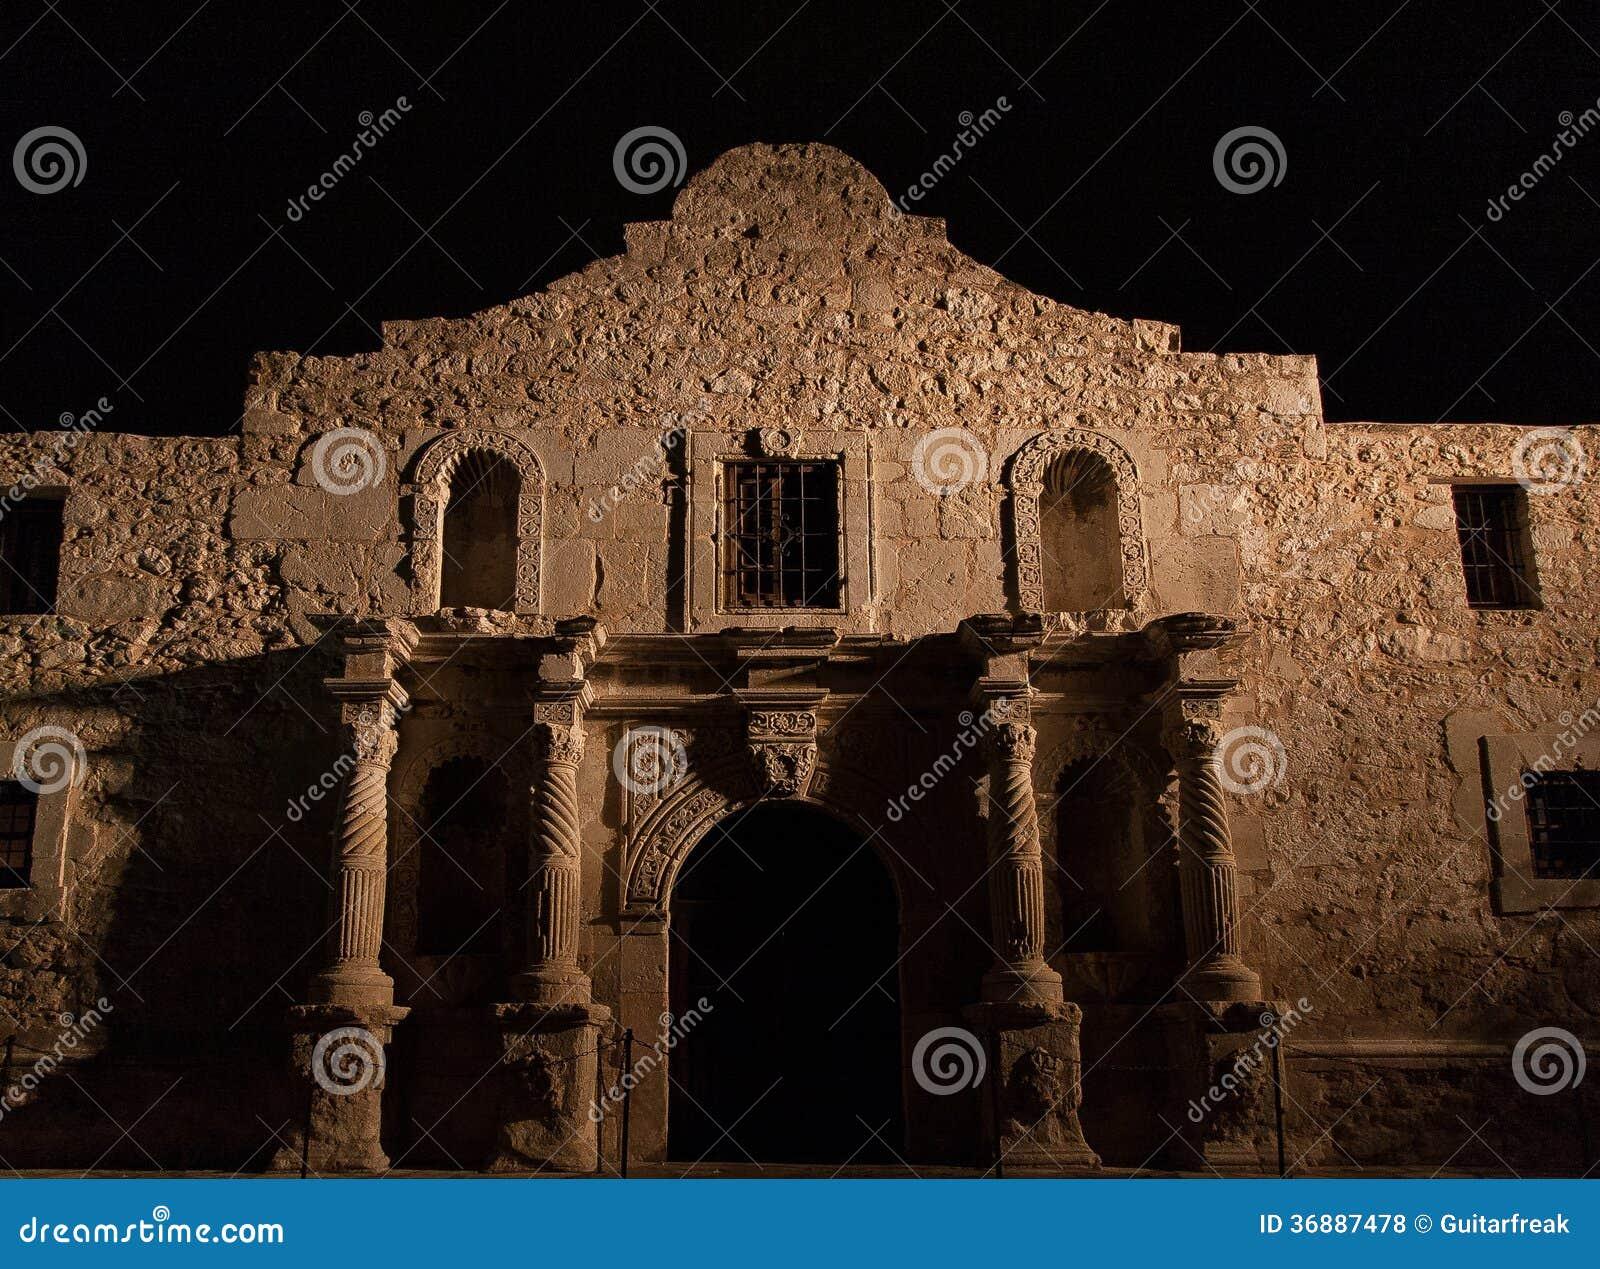 Download Alamo fotografia stock. Immagine di limite, basamento - 36887478